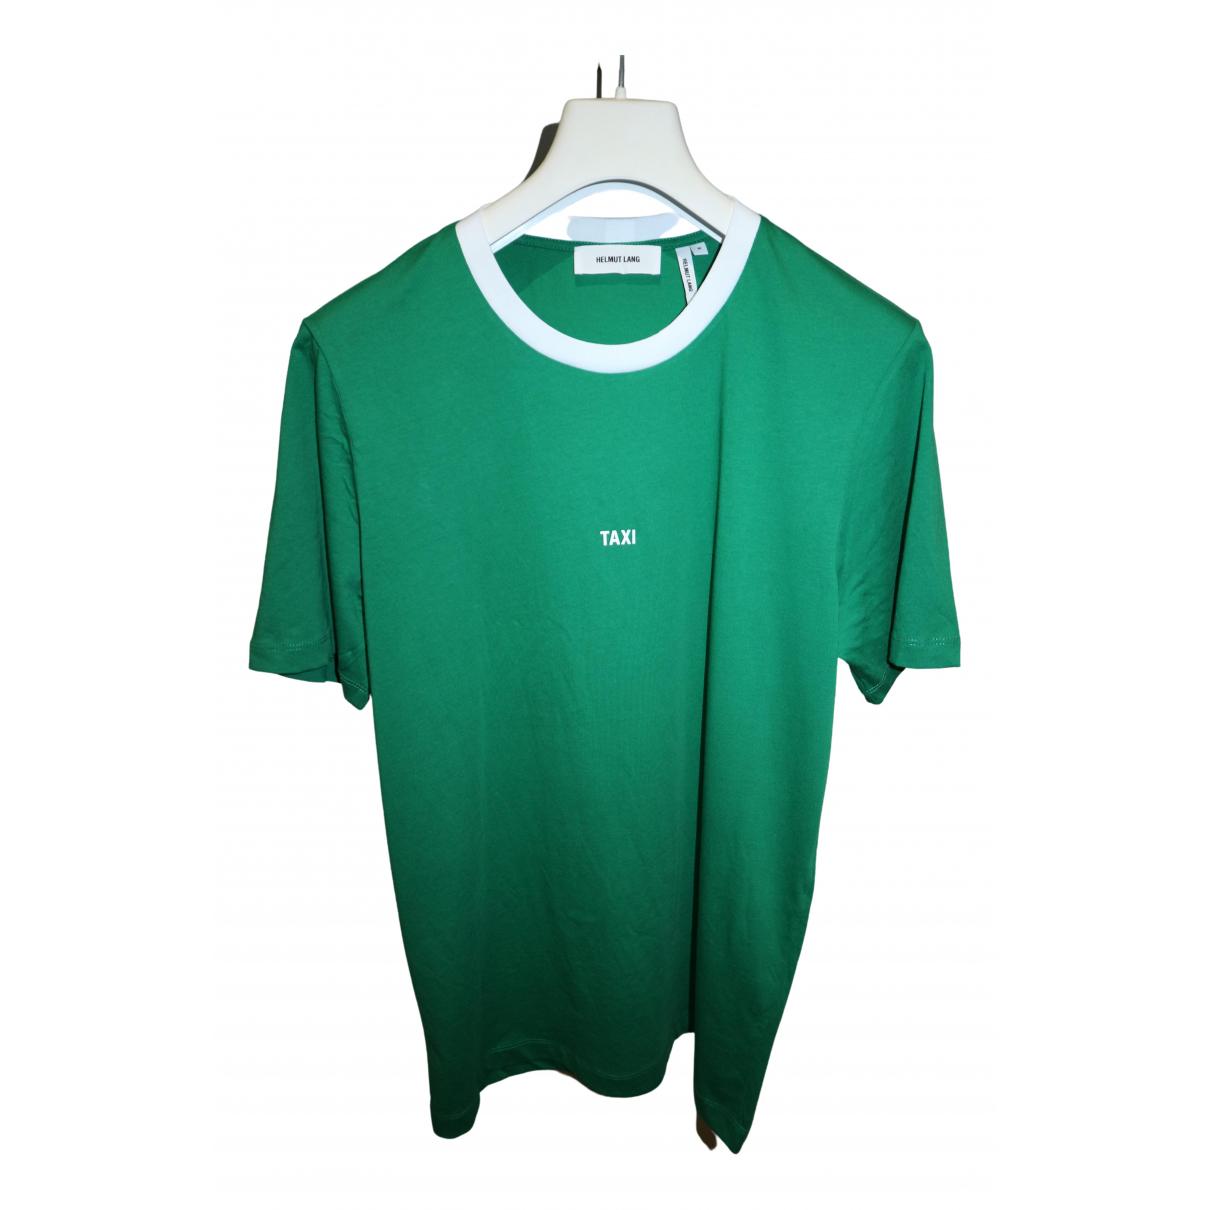 Helmut Lang - Tee shirts   pour homme en coton - vert